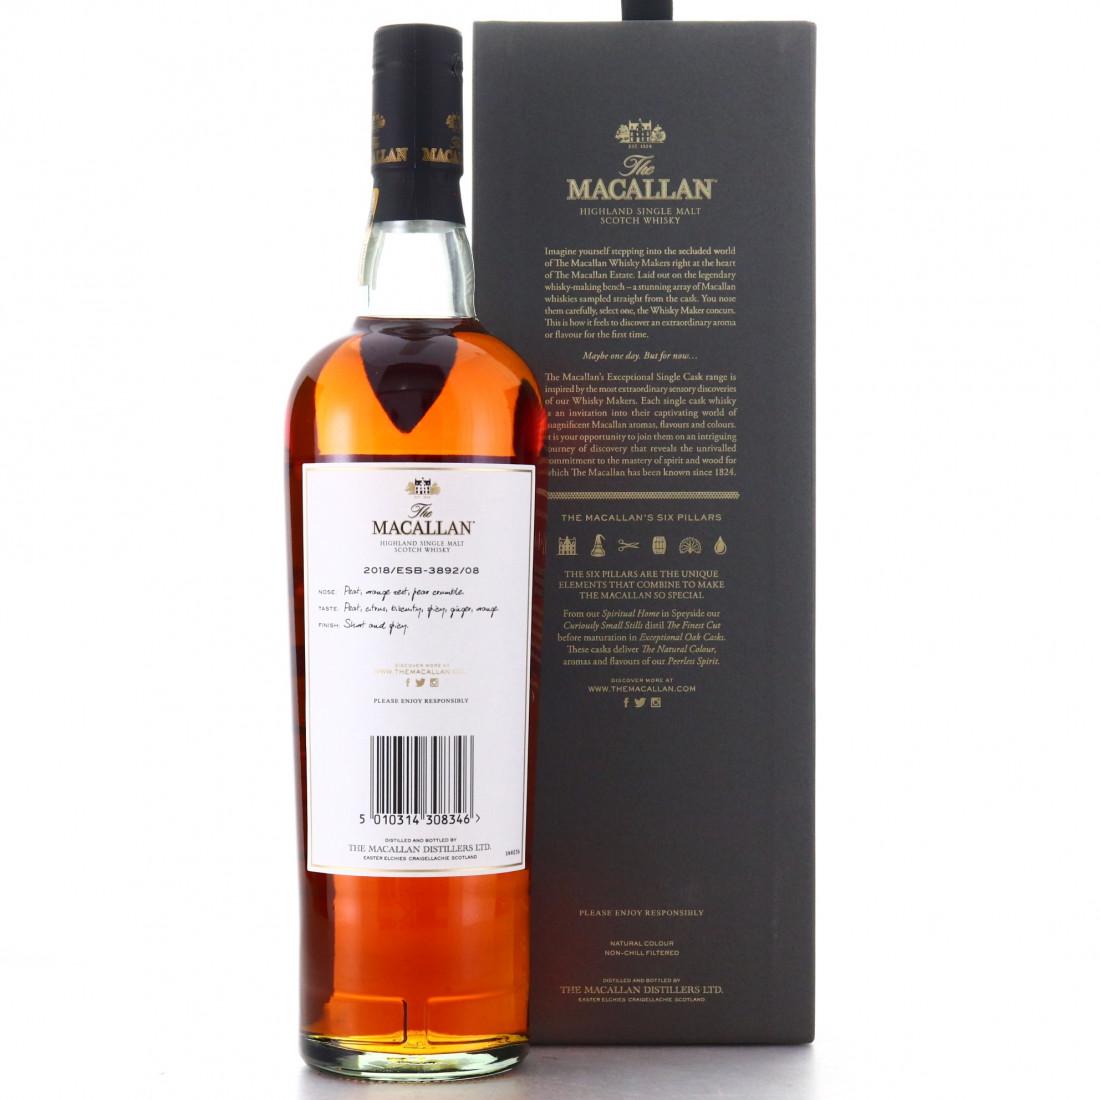 Macallan 1988 Exceptional Cask #3892-08 / 2018 Release